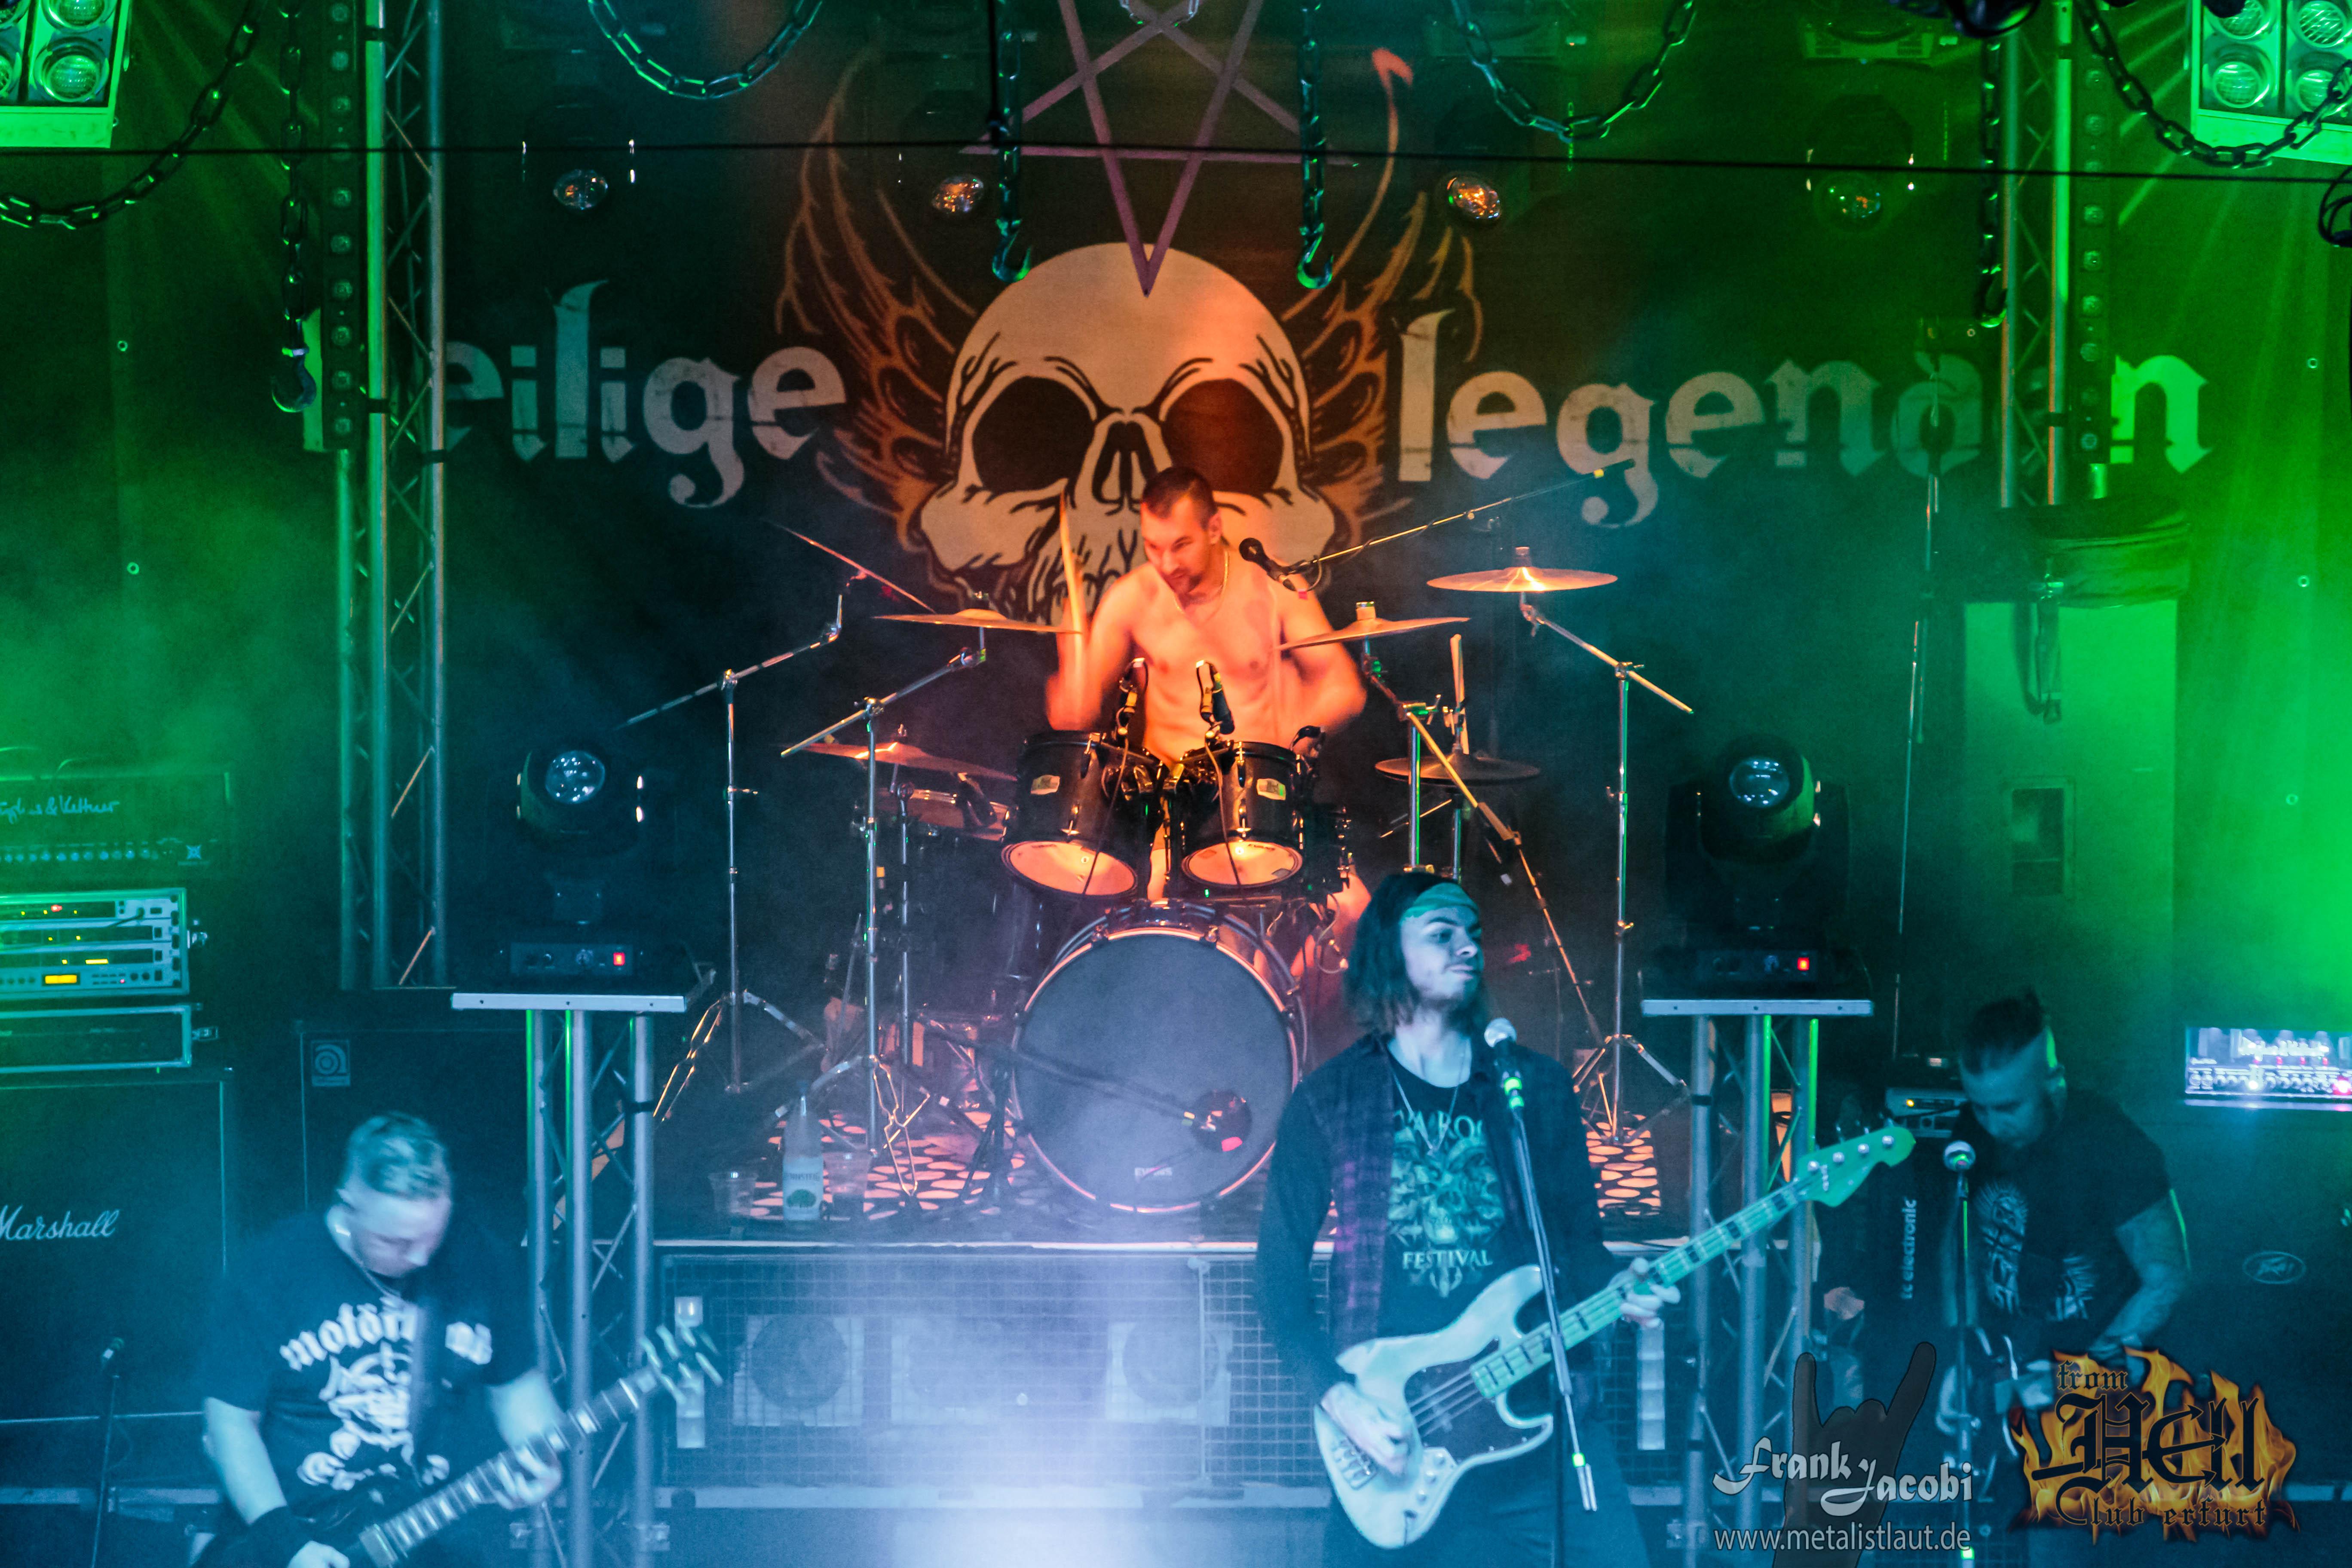 Heilige Legenden-003